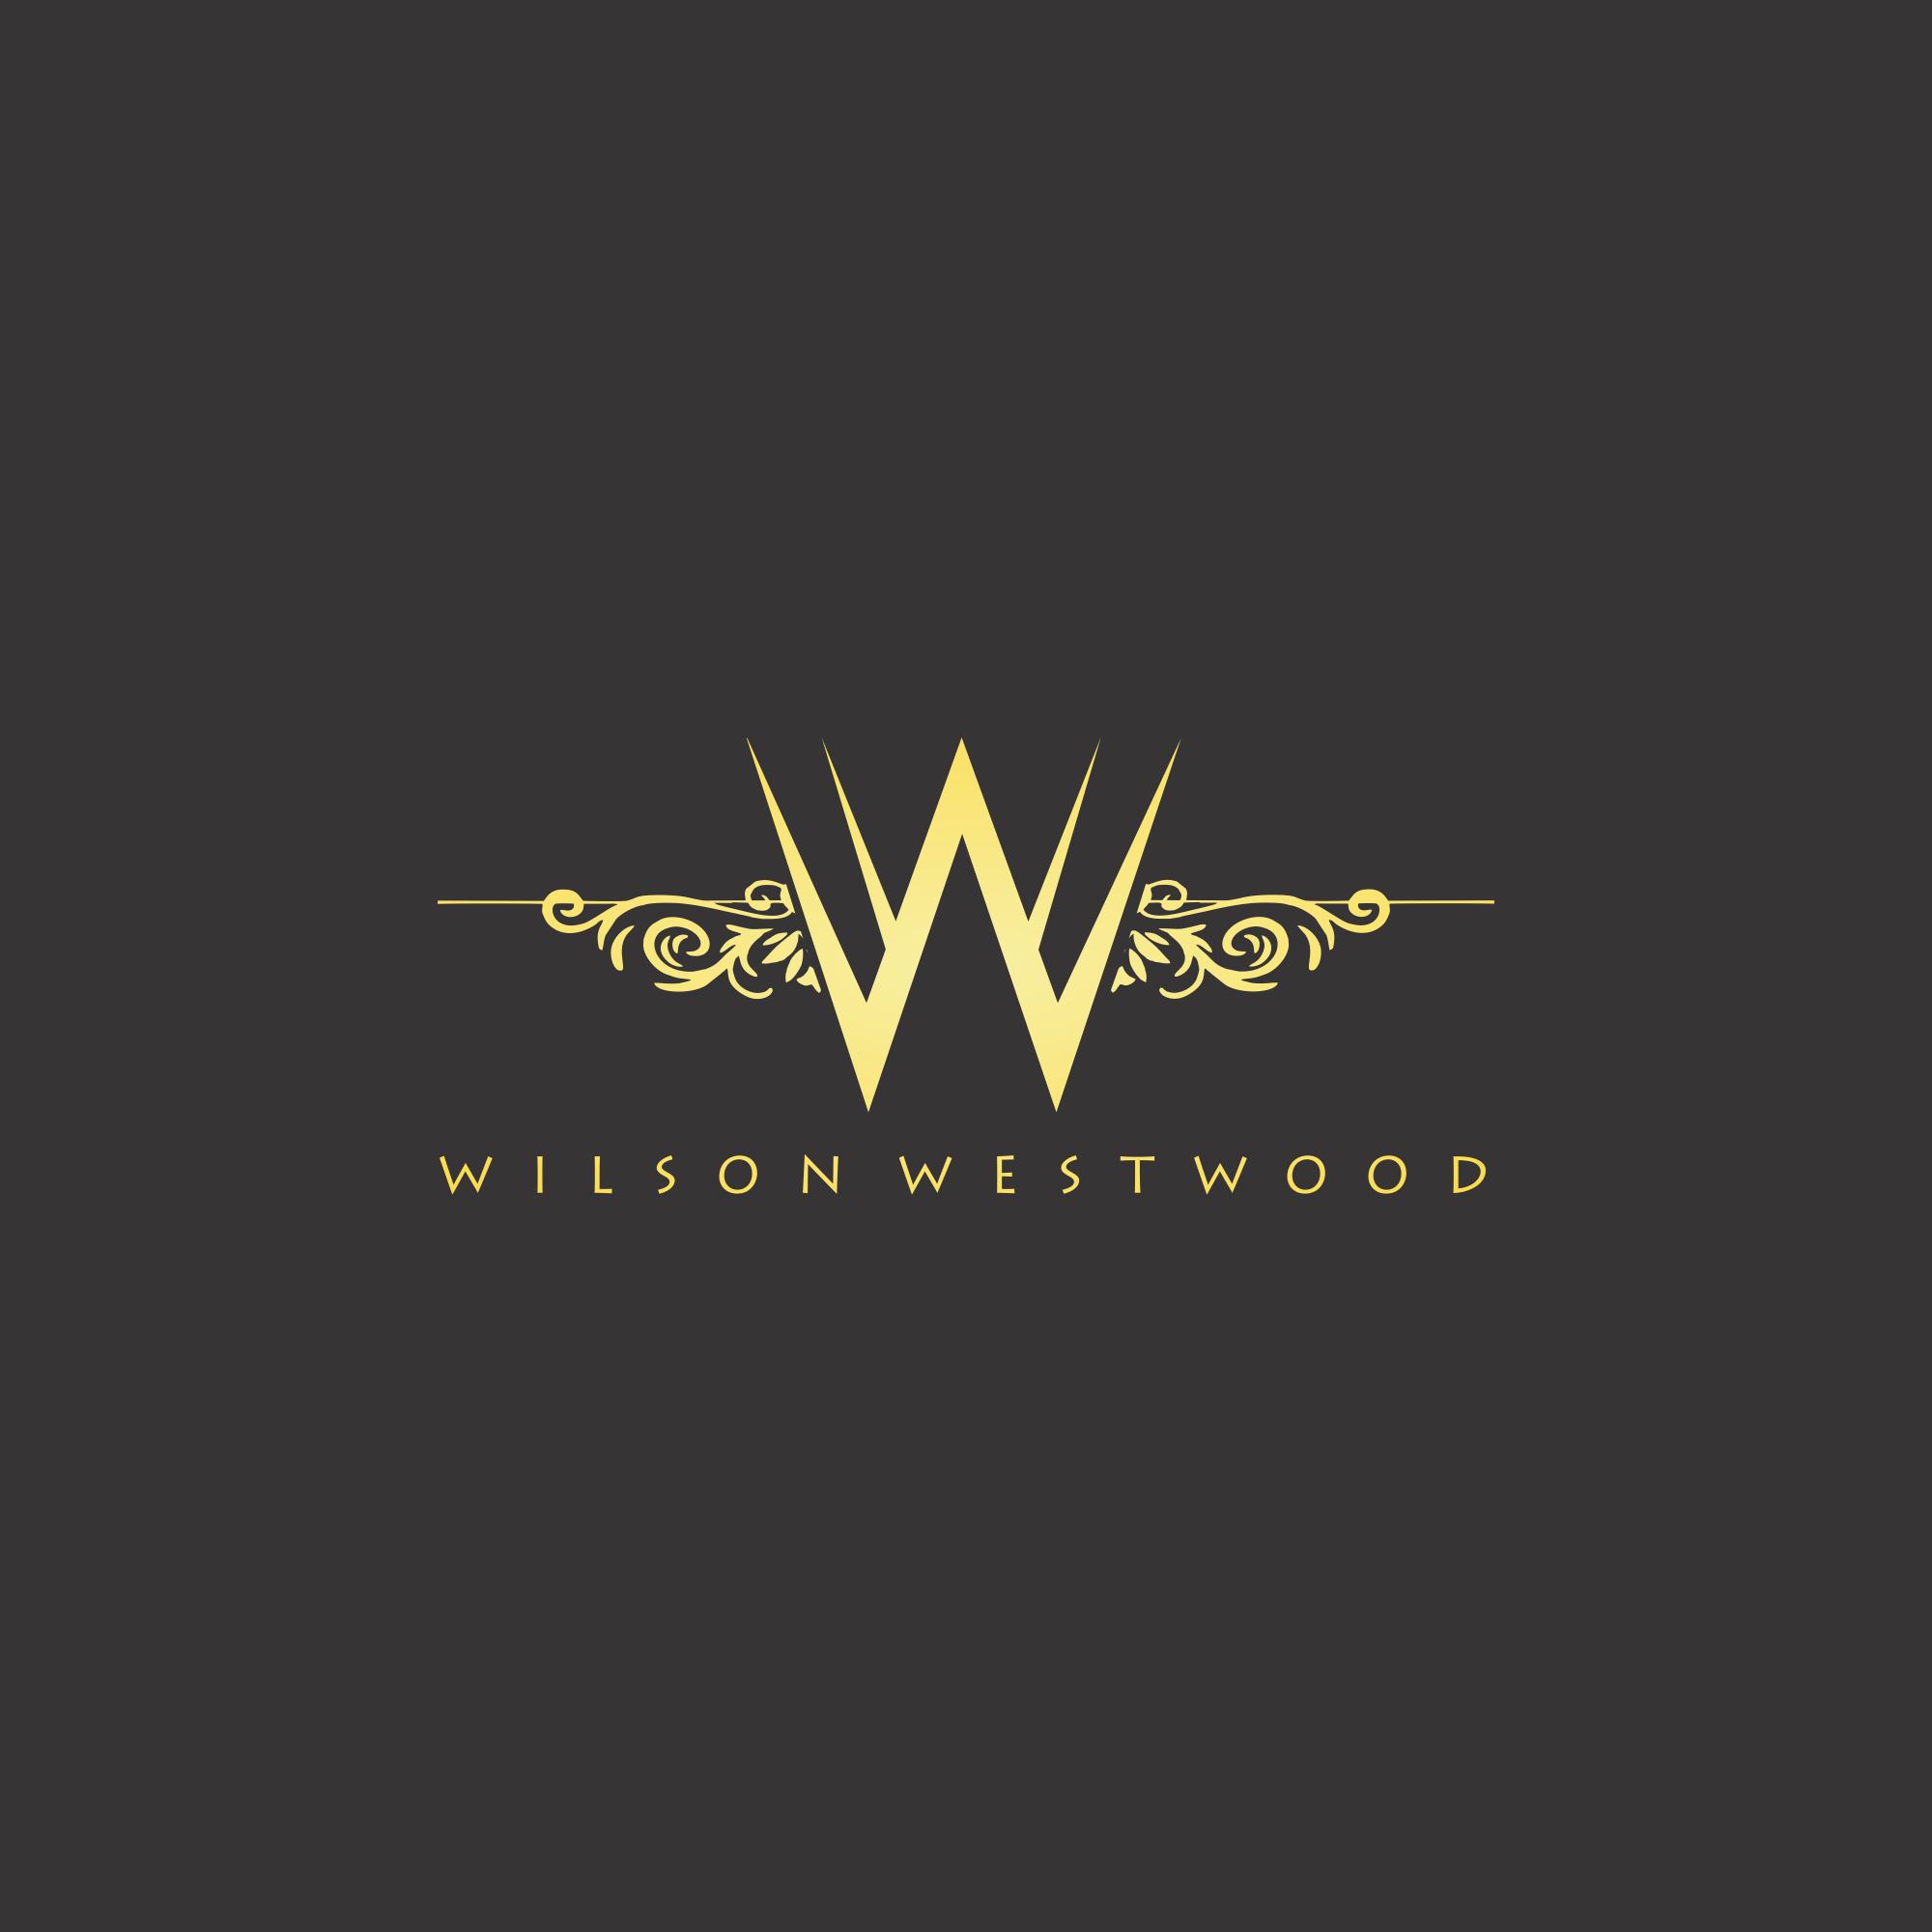 Wilson Westwood